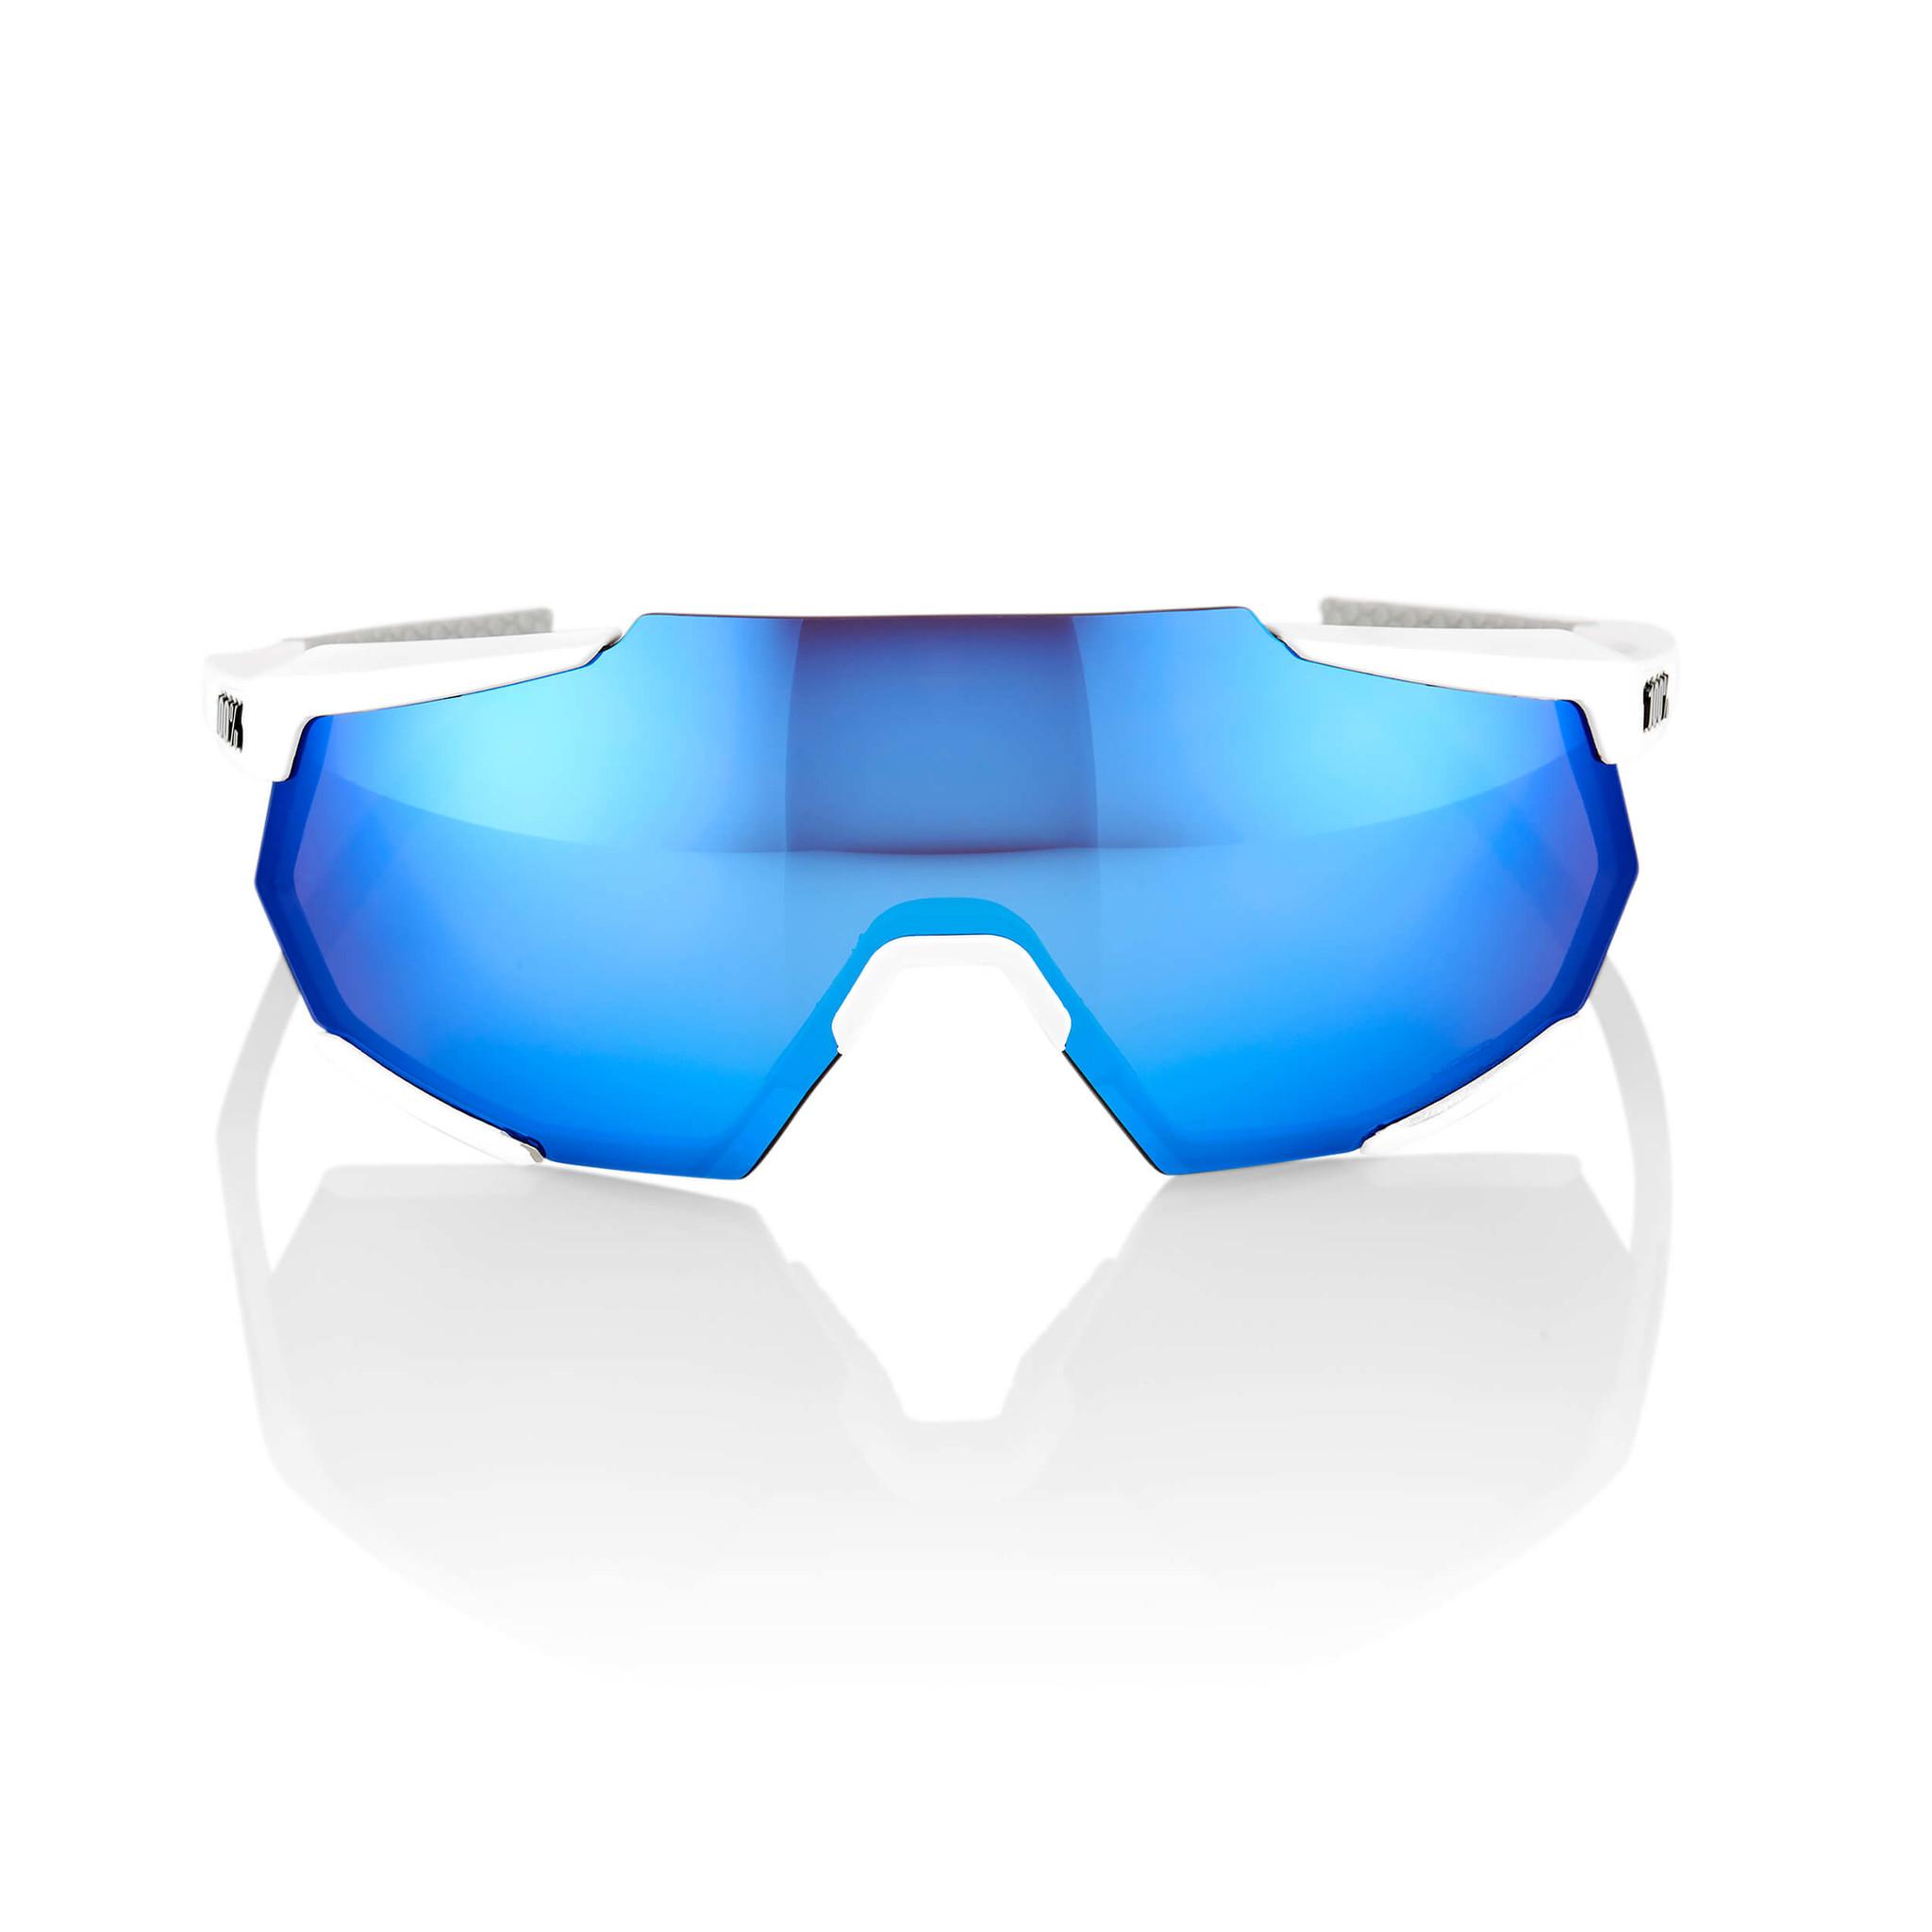 Racetrap Matte White Hiper Blue Multilayer Mirror Lens-3